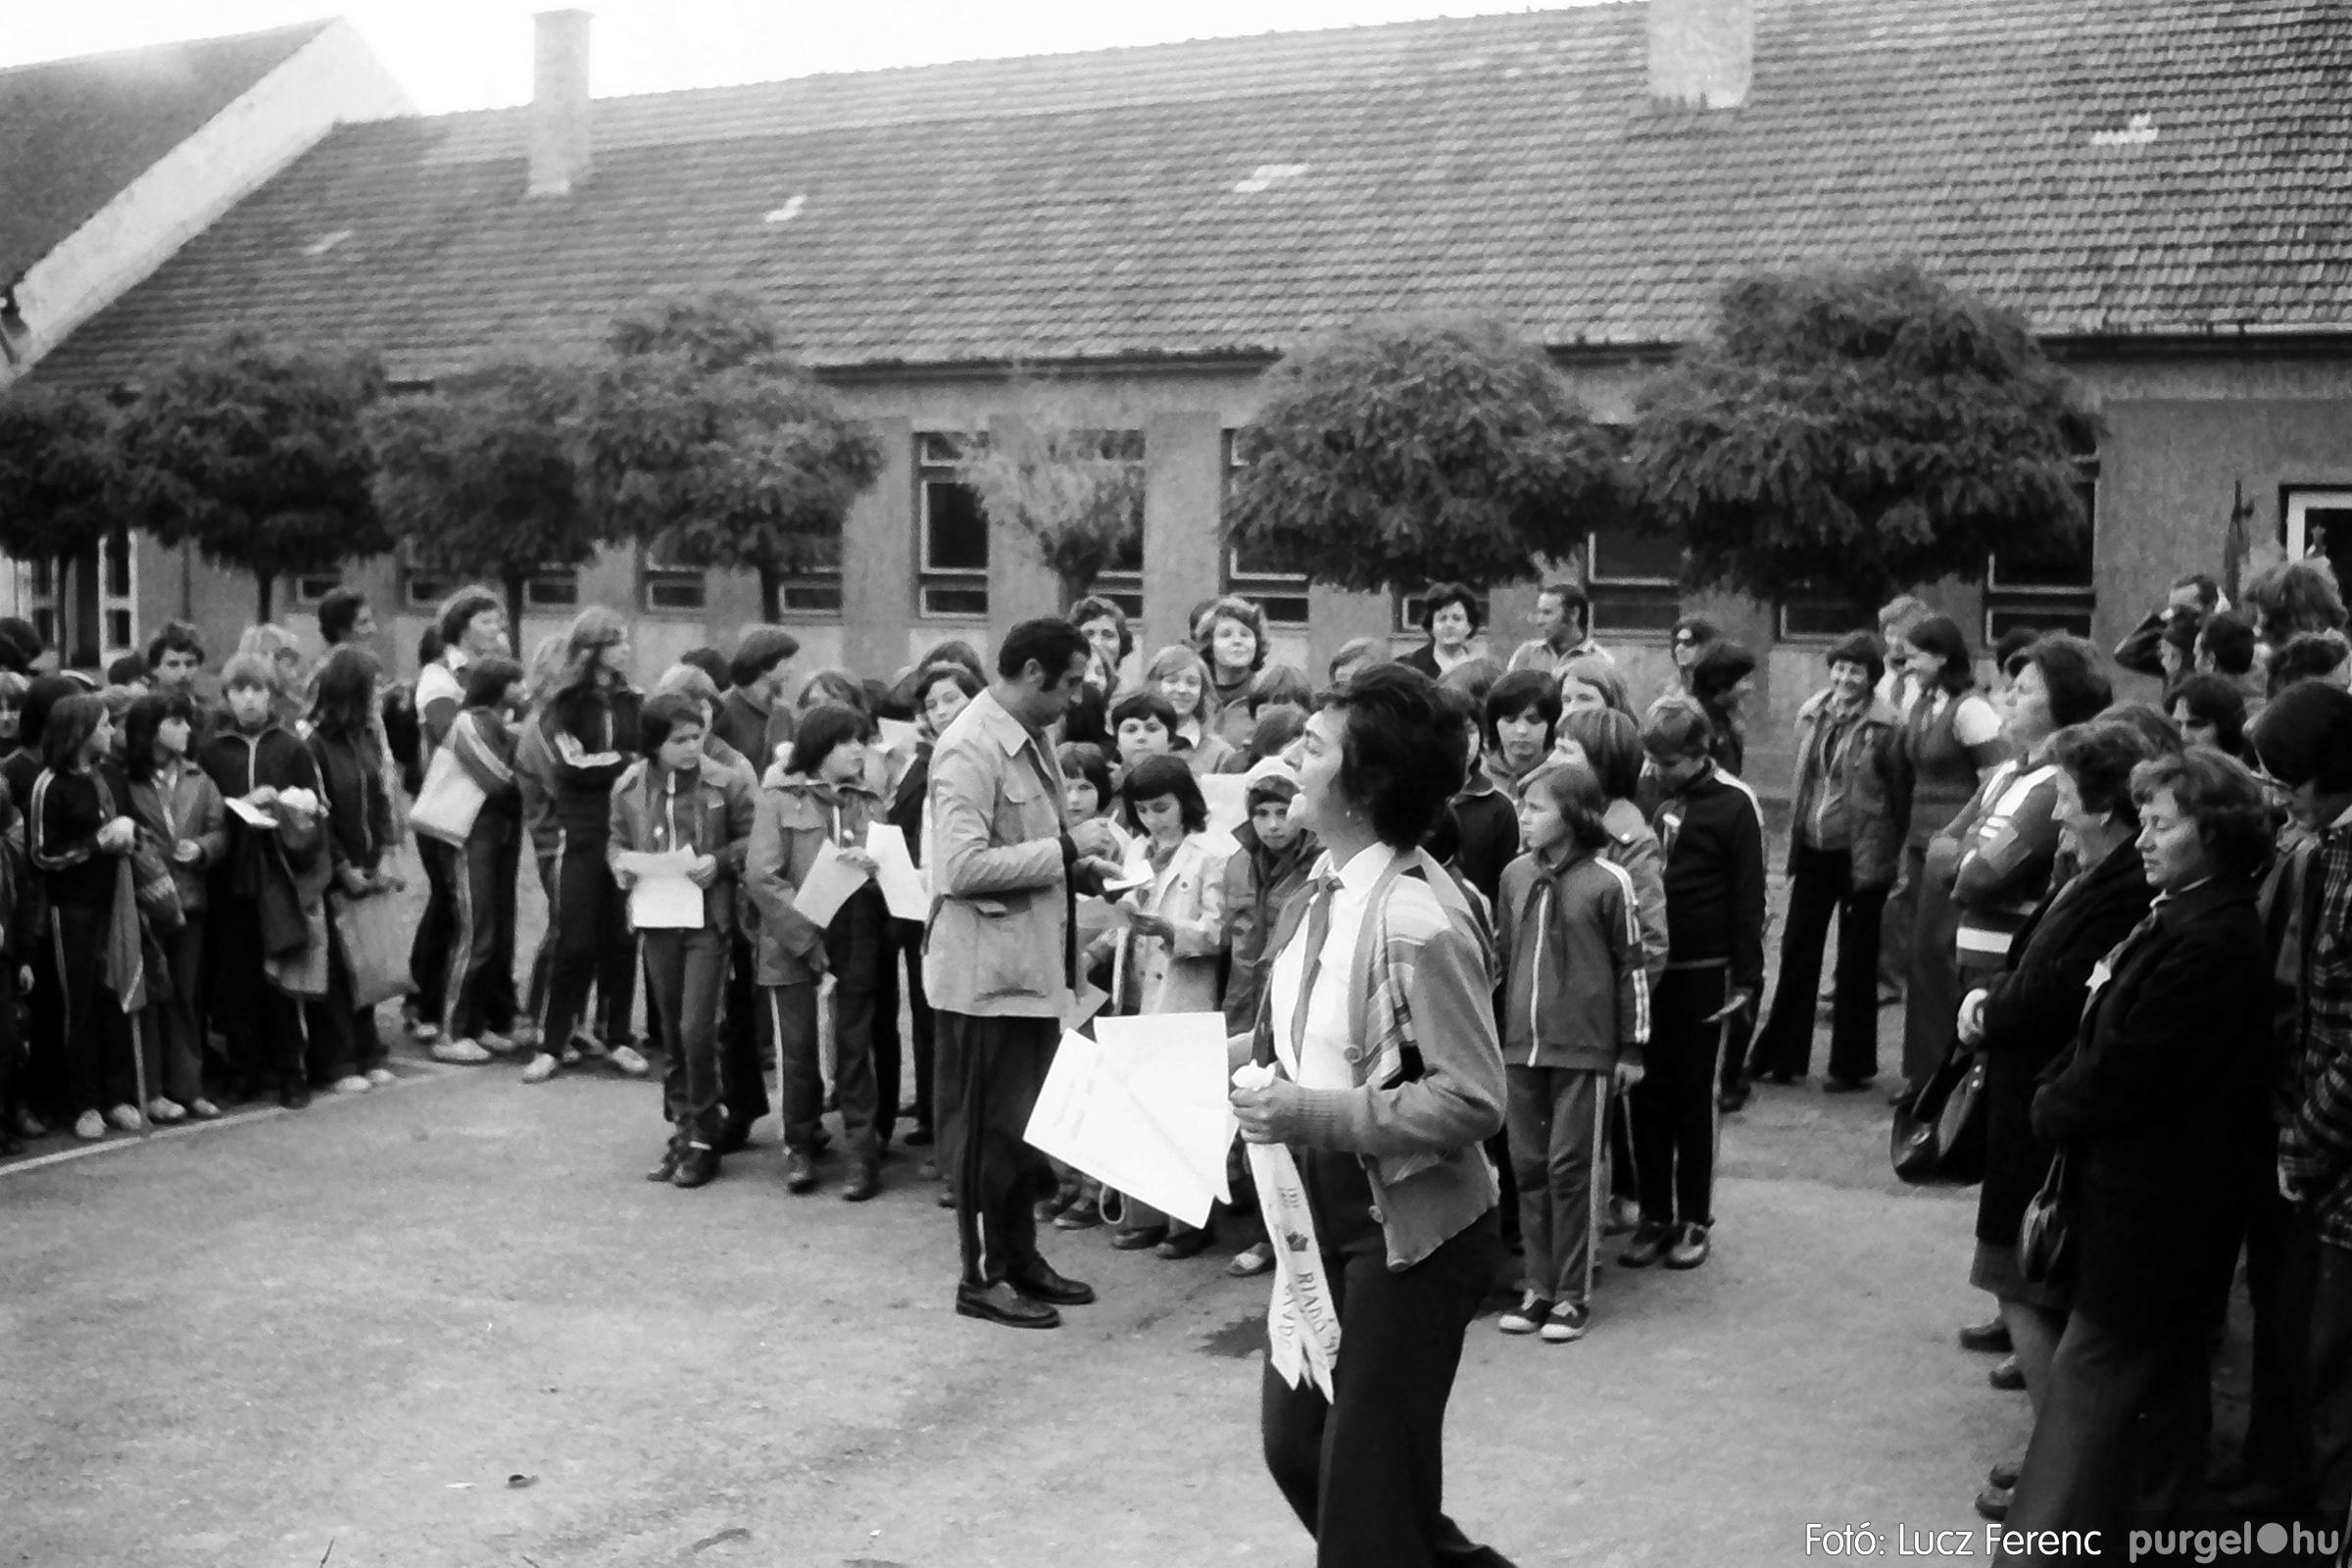 092. 1977. Úttörő rendezvény a Központi Általános Iskolában 015. - Fotó: Lucz Ferenc.jpg